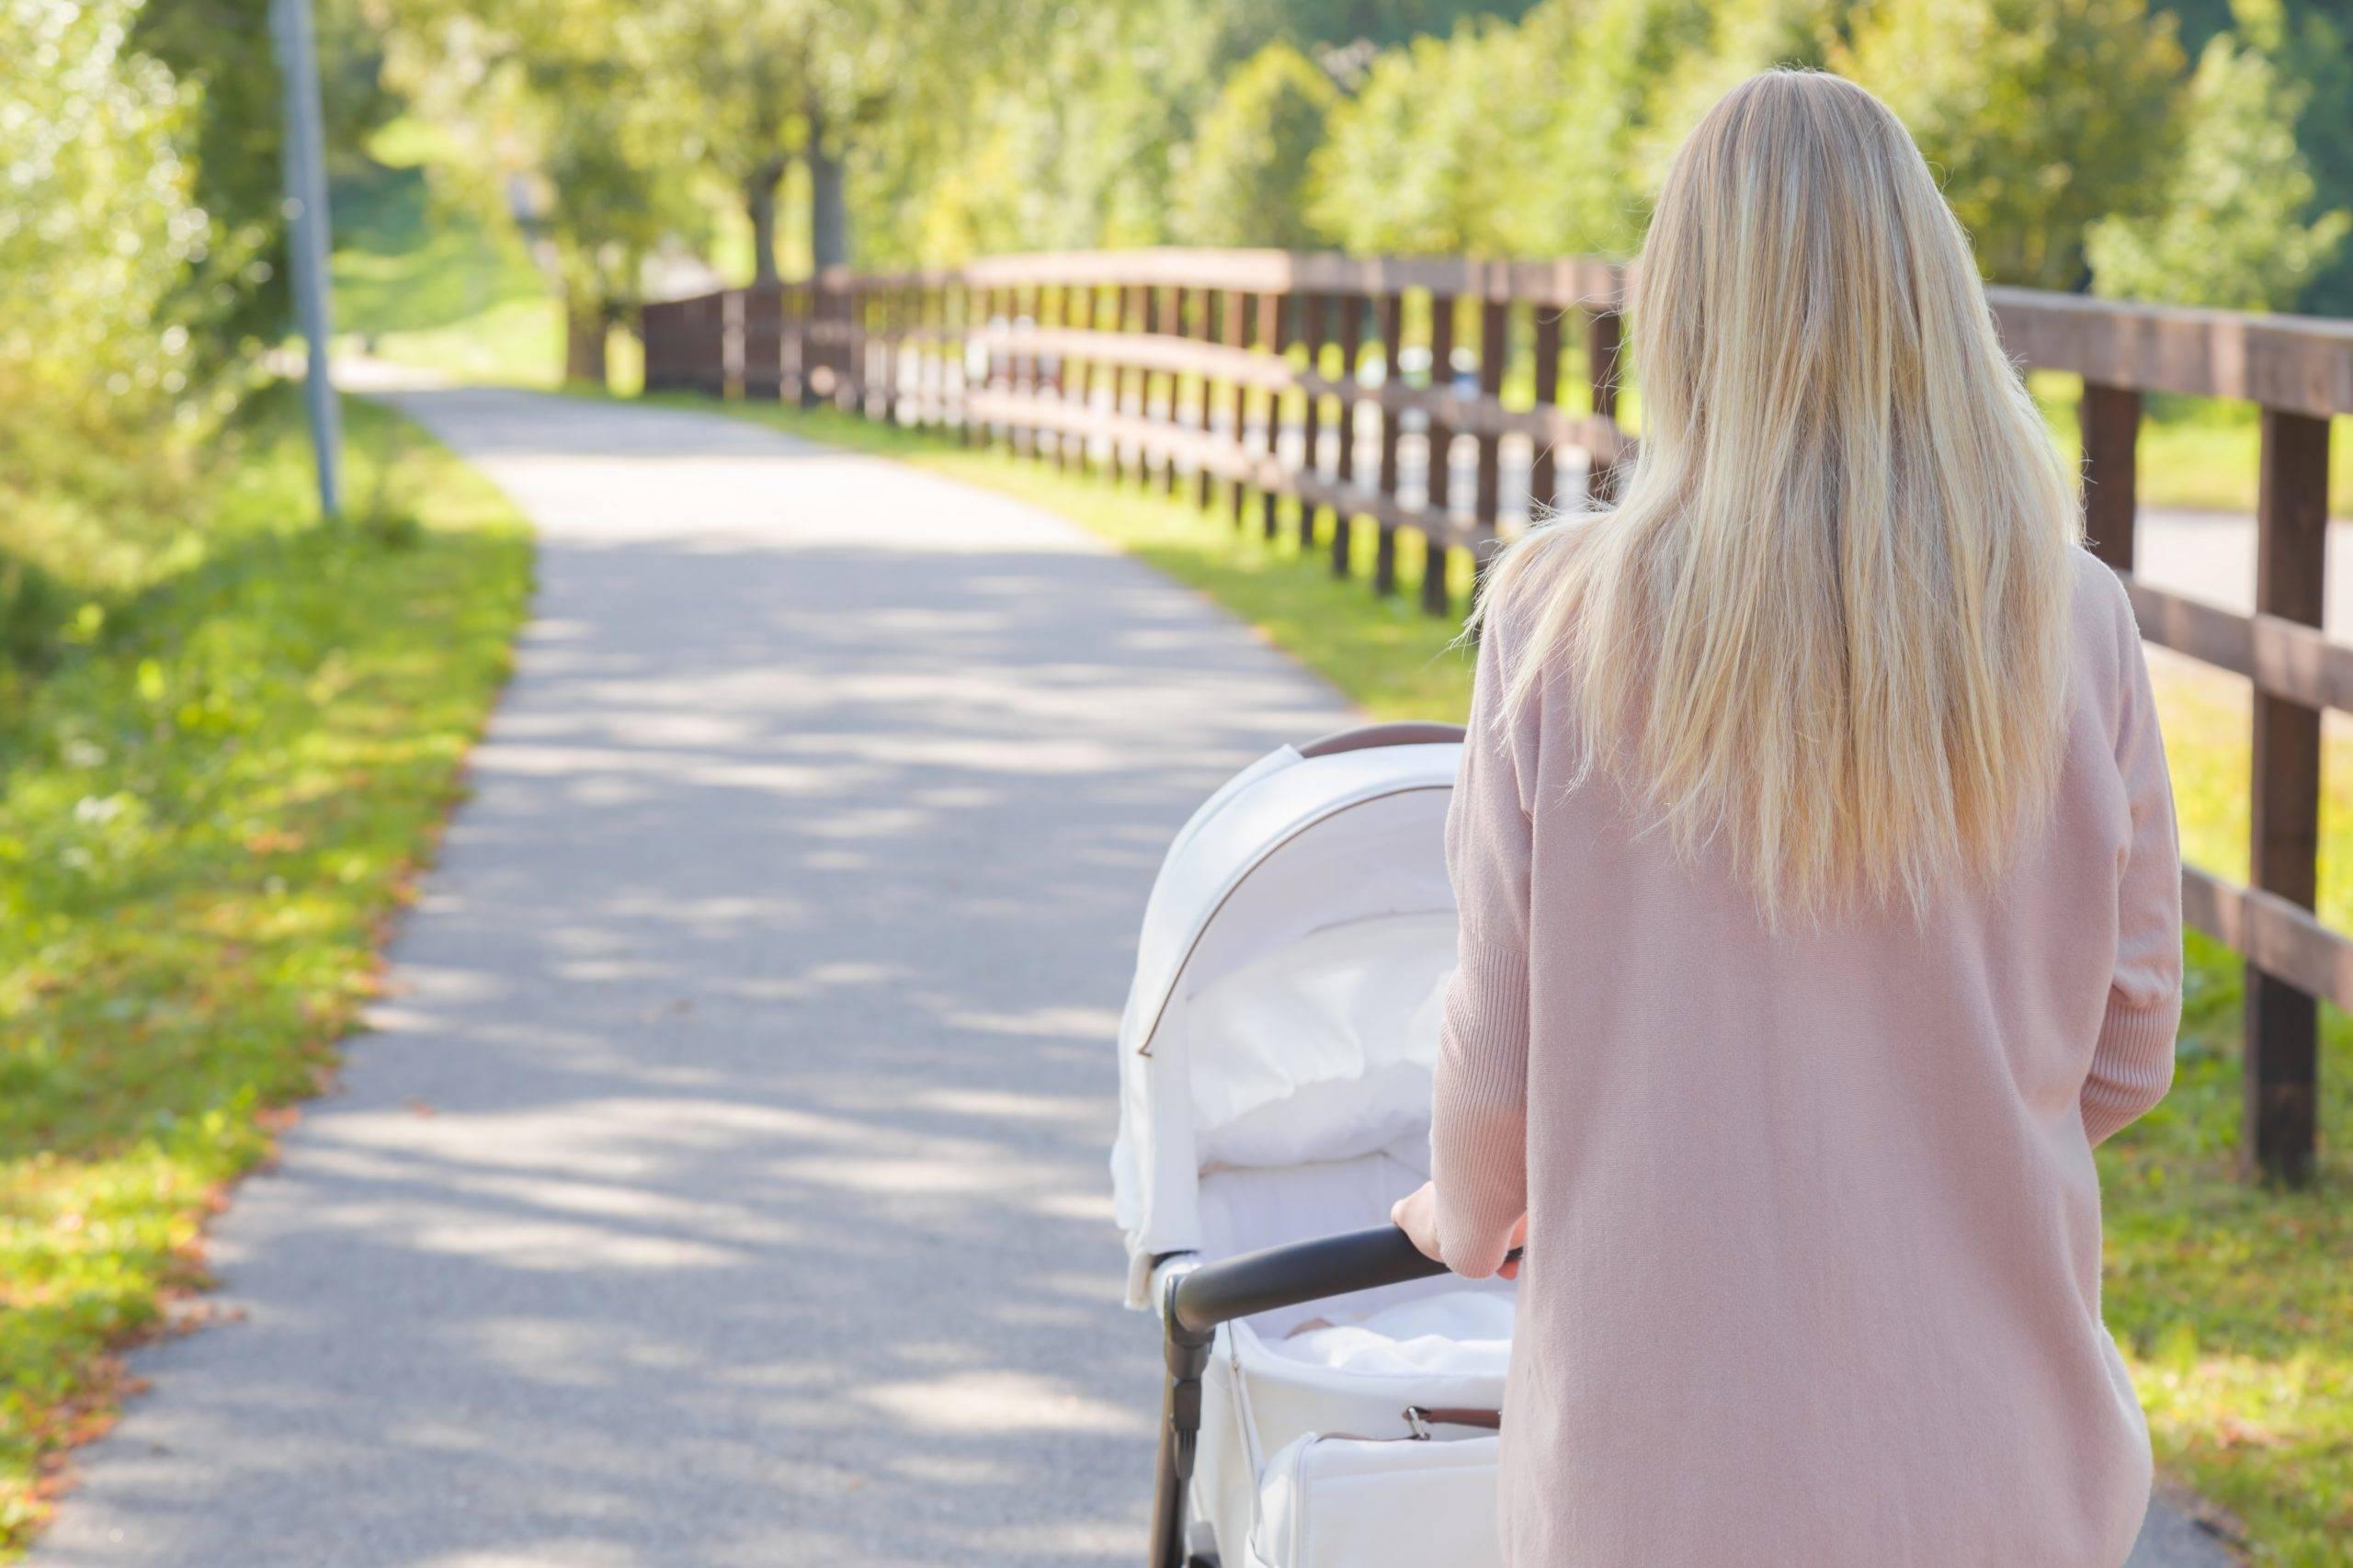 Połóg i opieka nad noworodkiem w czasie pandemii - jakie są zalecenia? Czy można wyjść na spacer z dzieckiem?